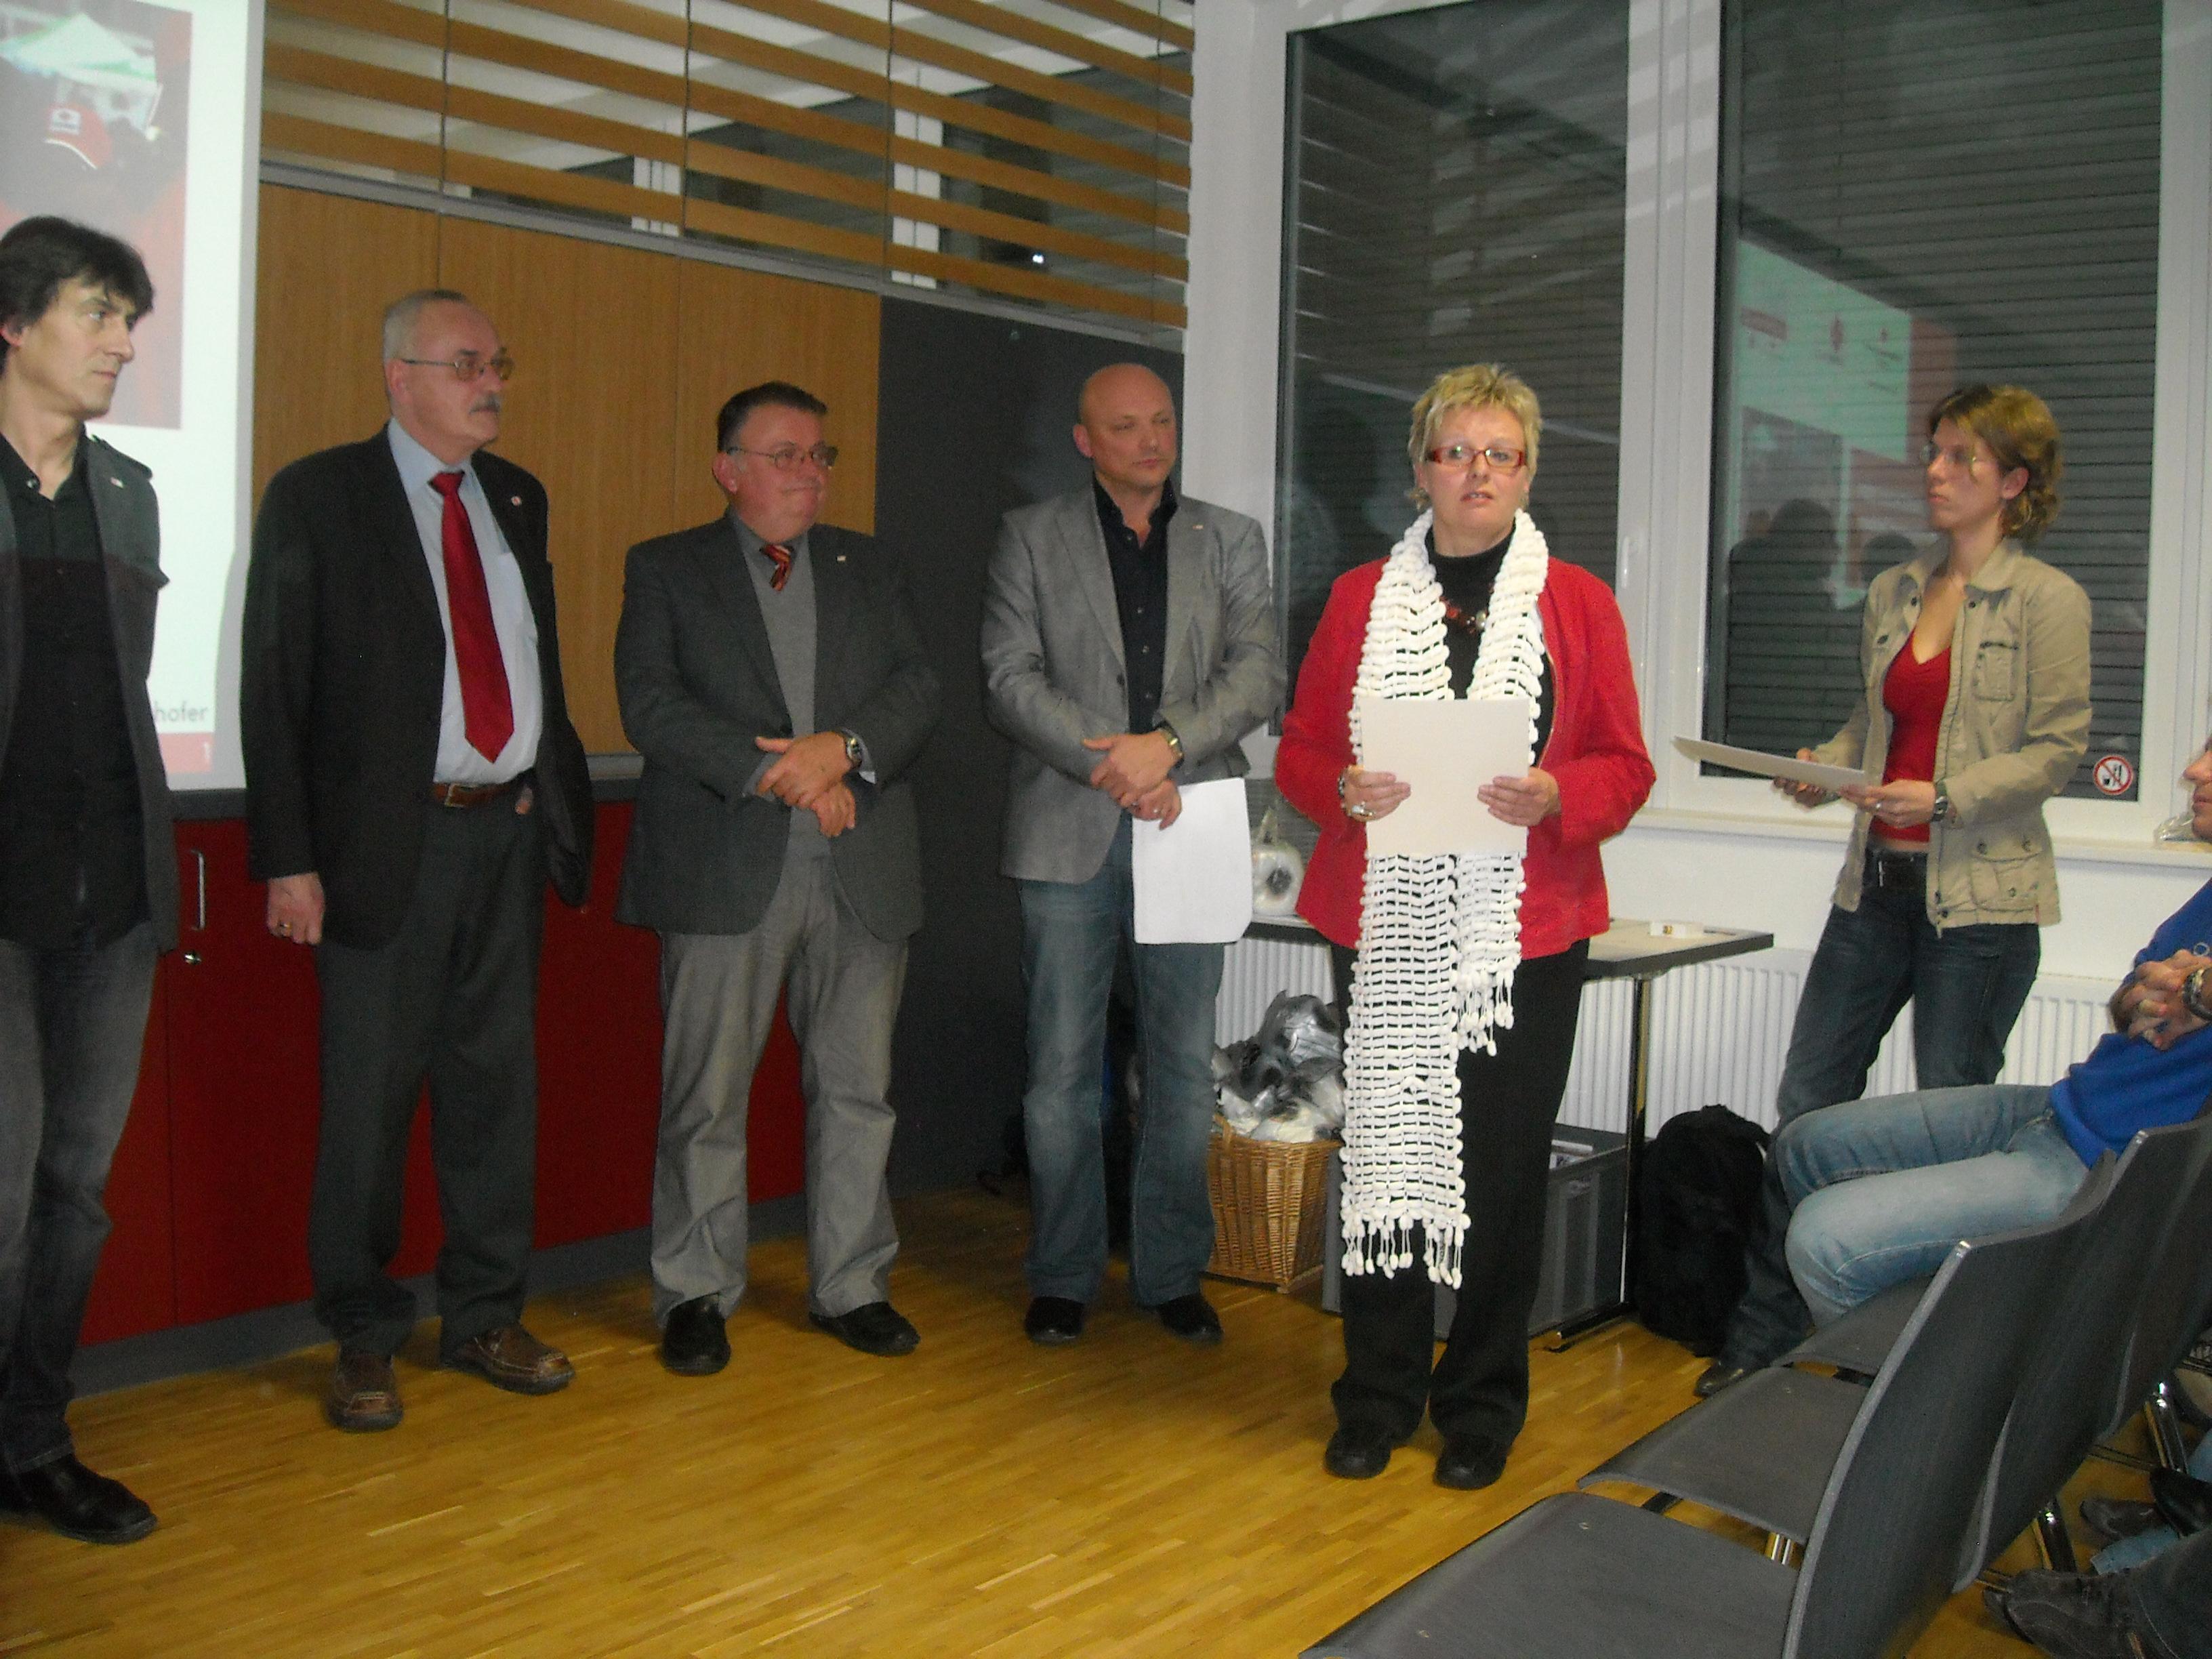 http://jrk.sbg-net.at/news/Jahresabschluss2009/DSCN6952.JPG